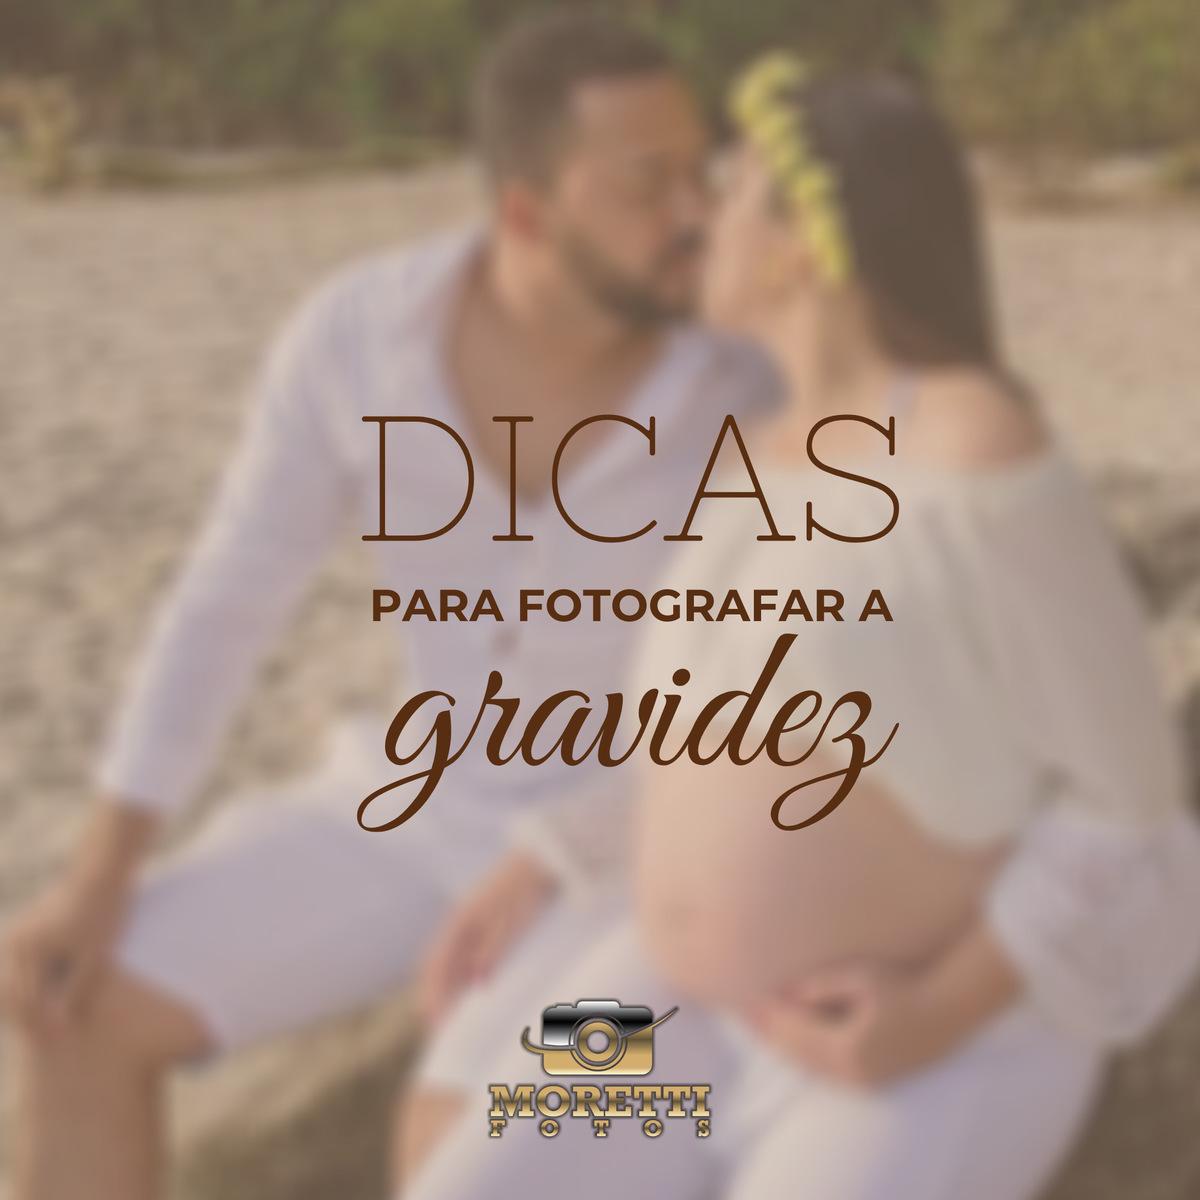 Imagem capa - Dicas para fotografar a gravidez! por Luiz F. Moretti